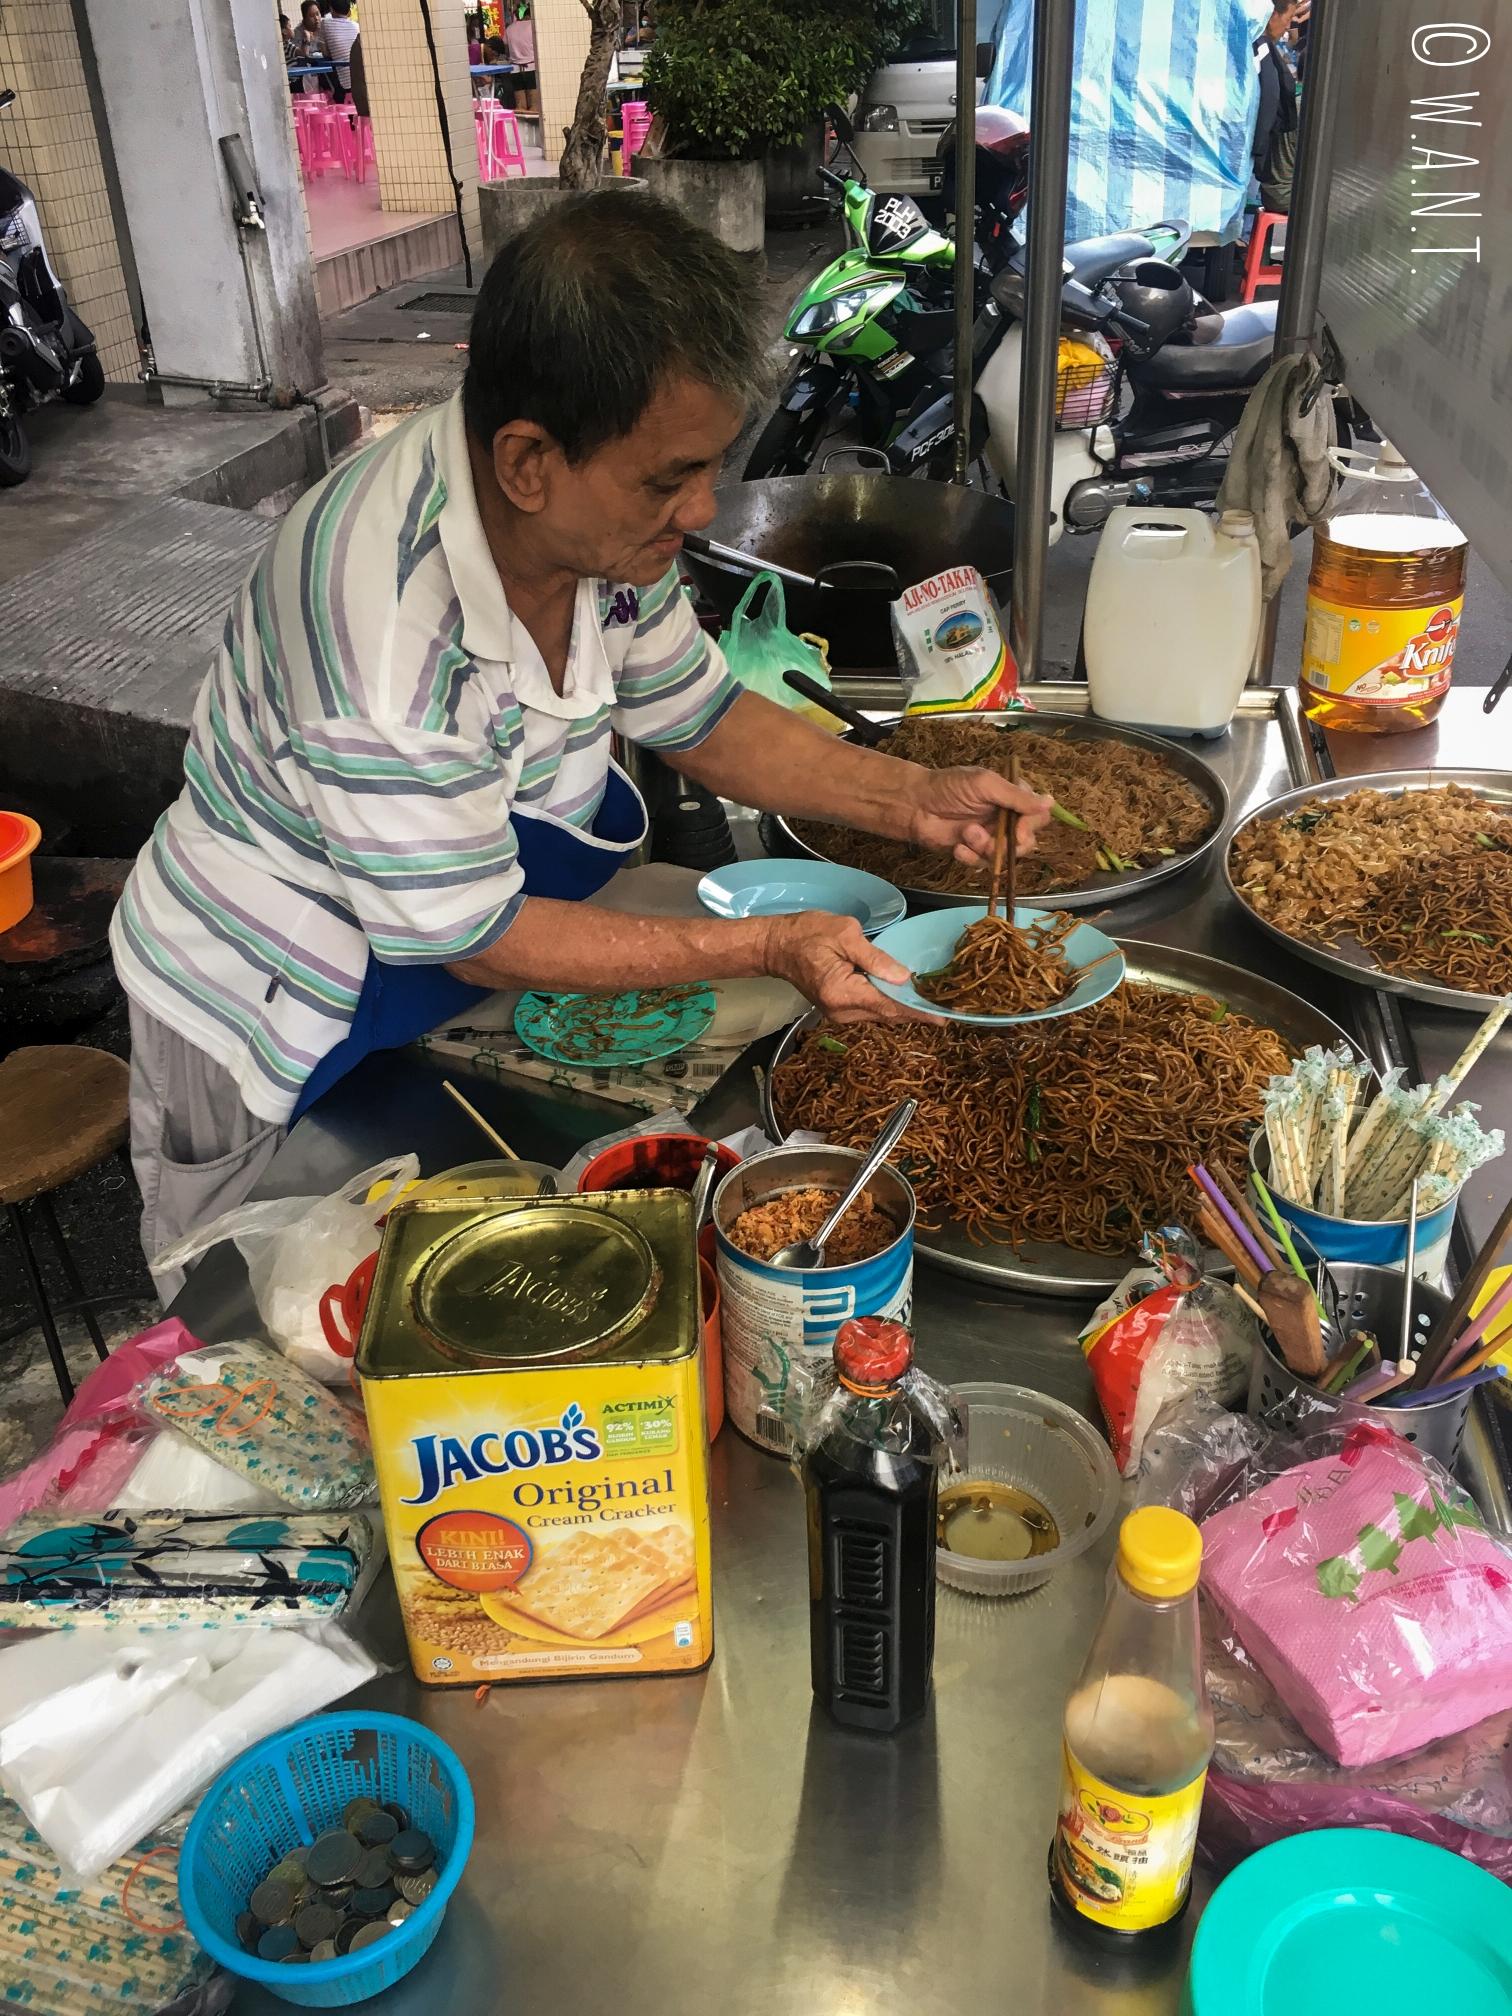 Ce vieil homme cuisine de délicieuses nouilles sur son stand installé rue Kimberley street à Penang